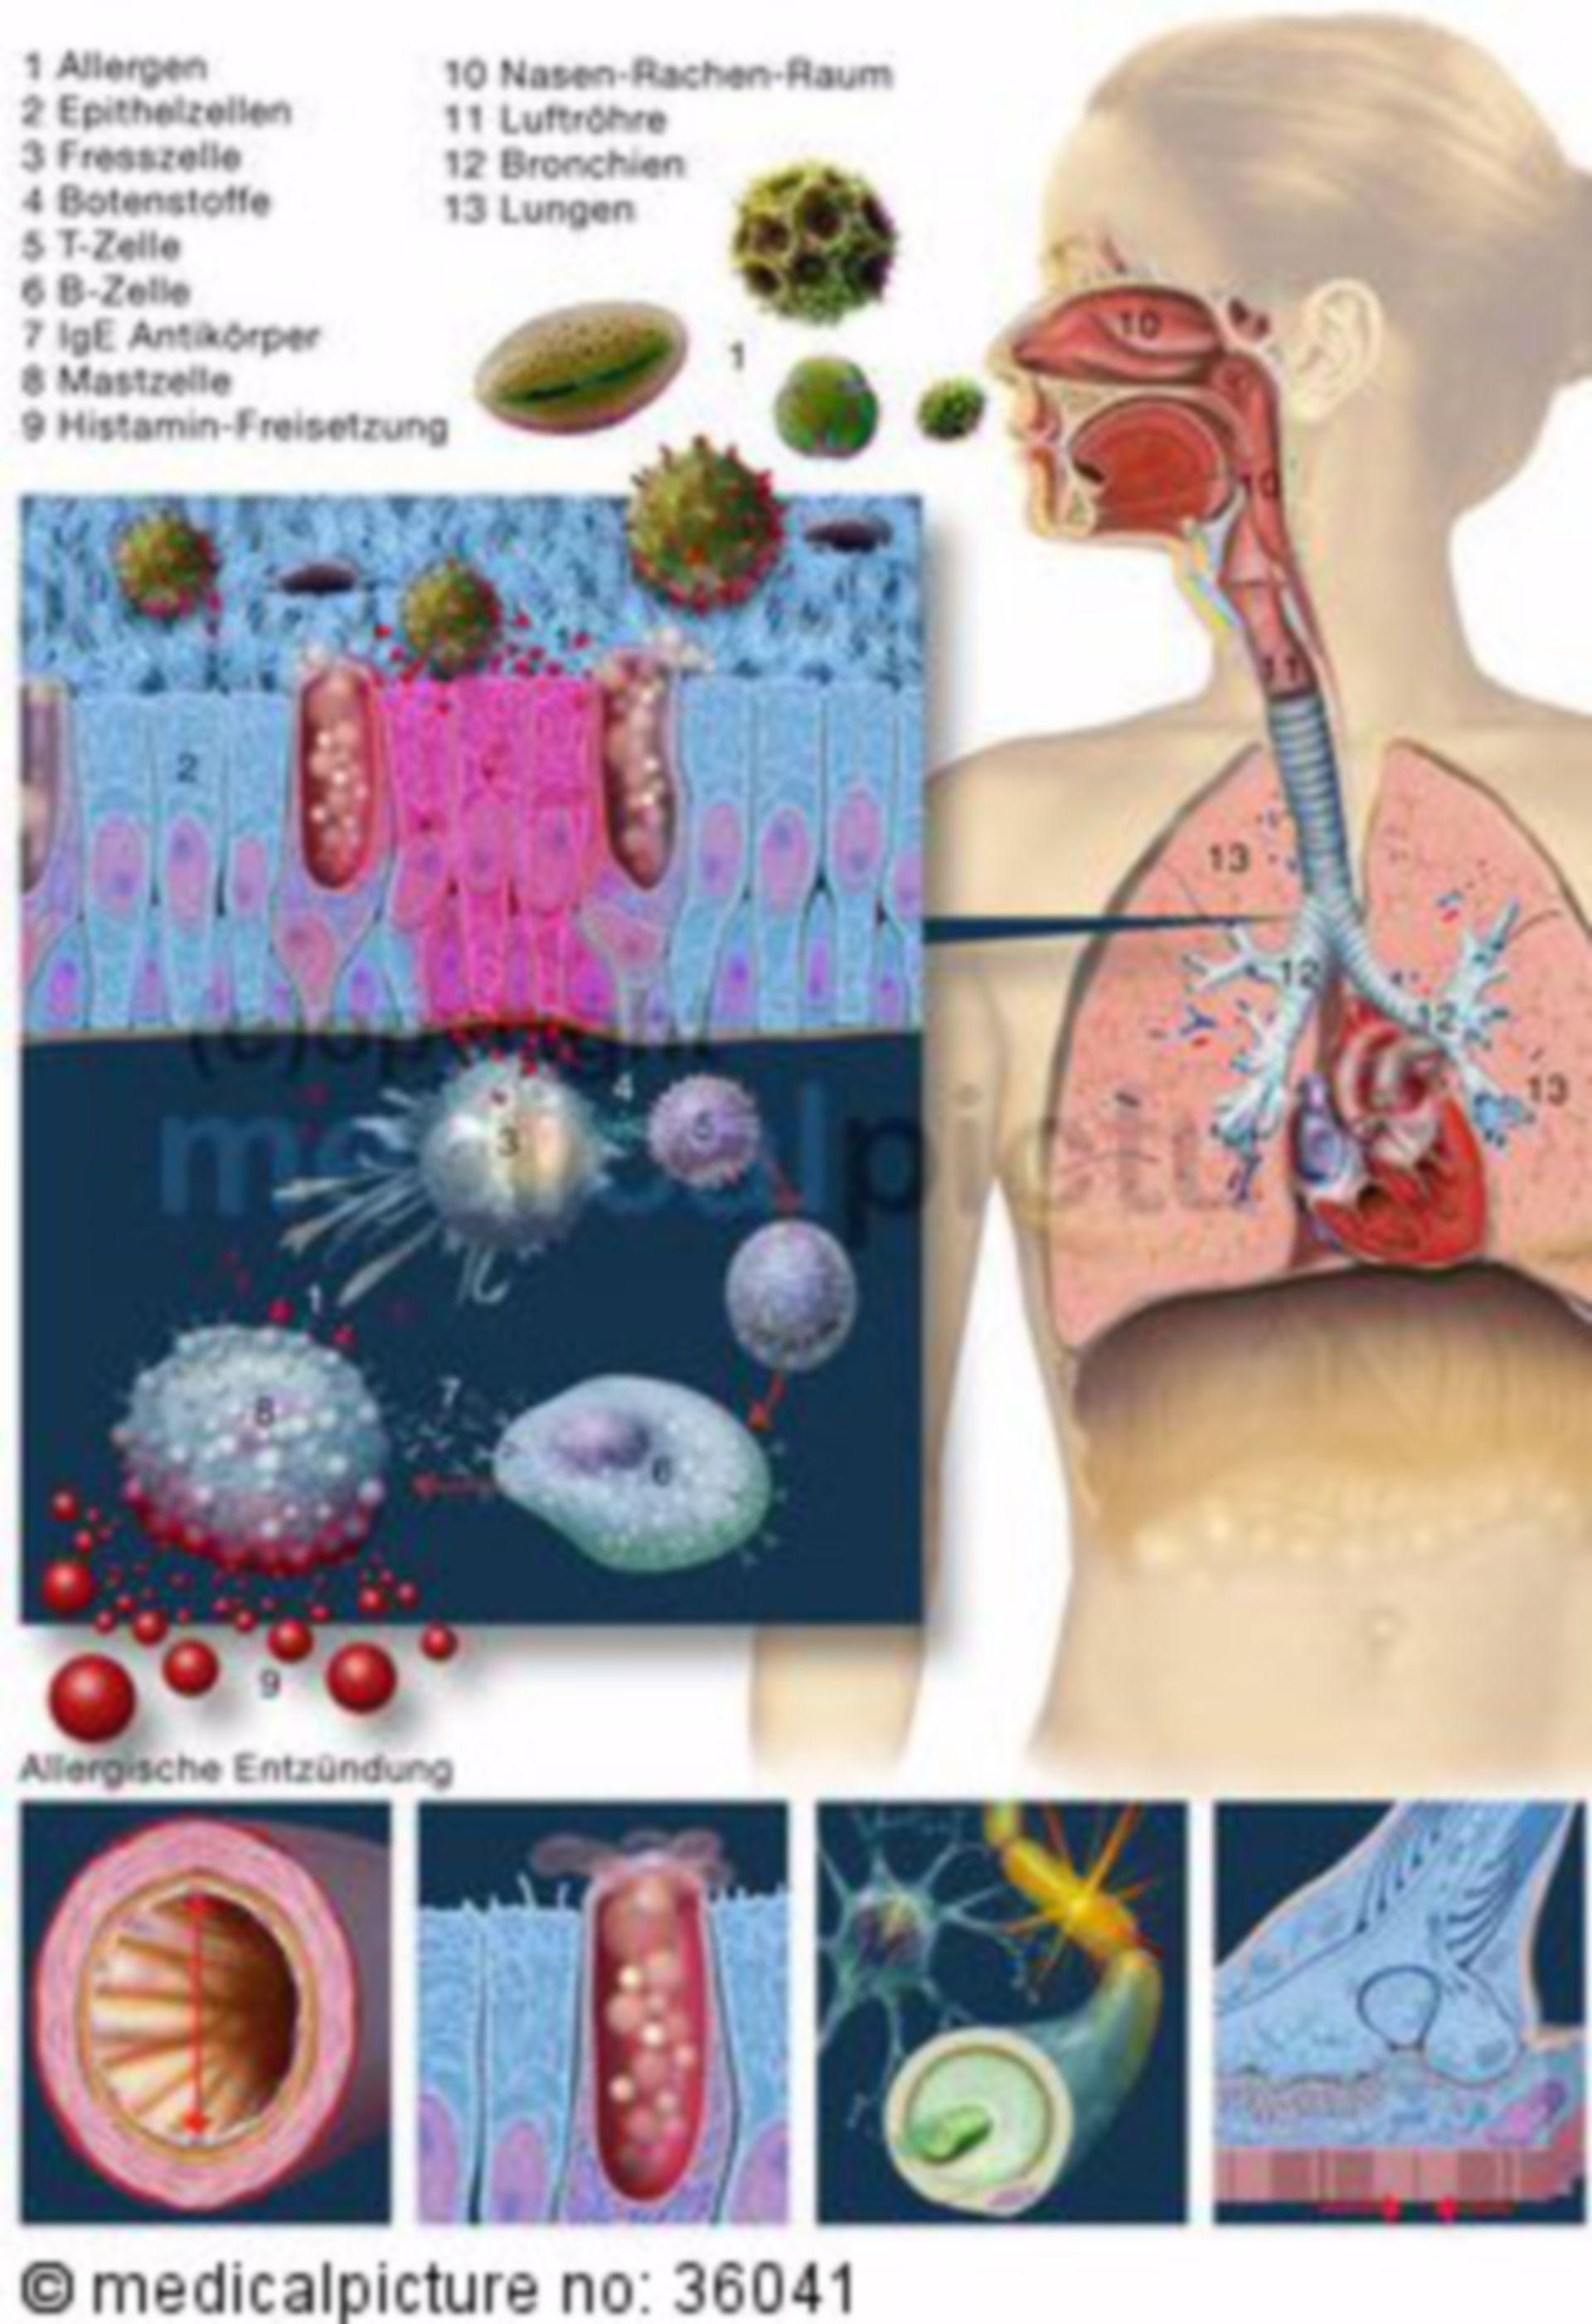 Immune reaction in case of allergy